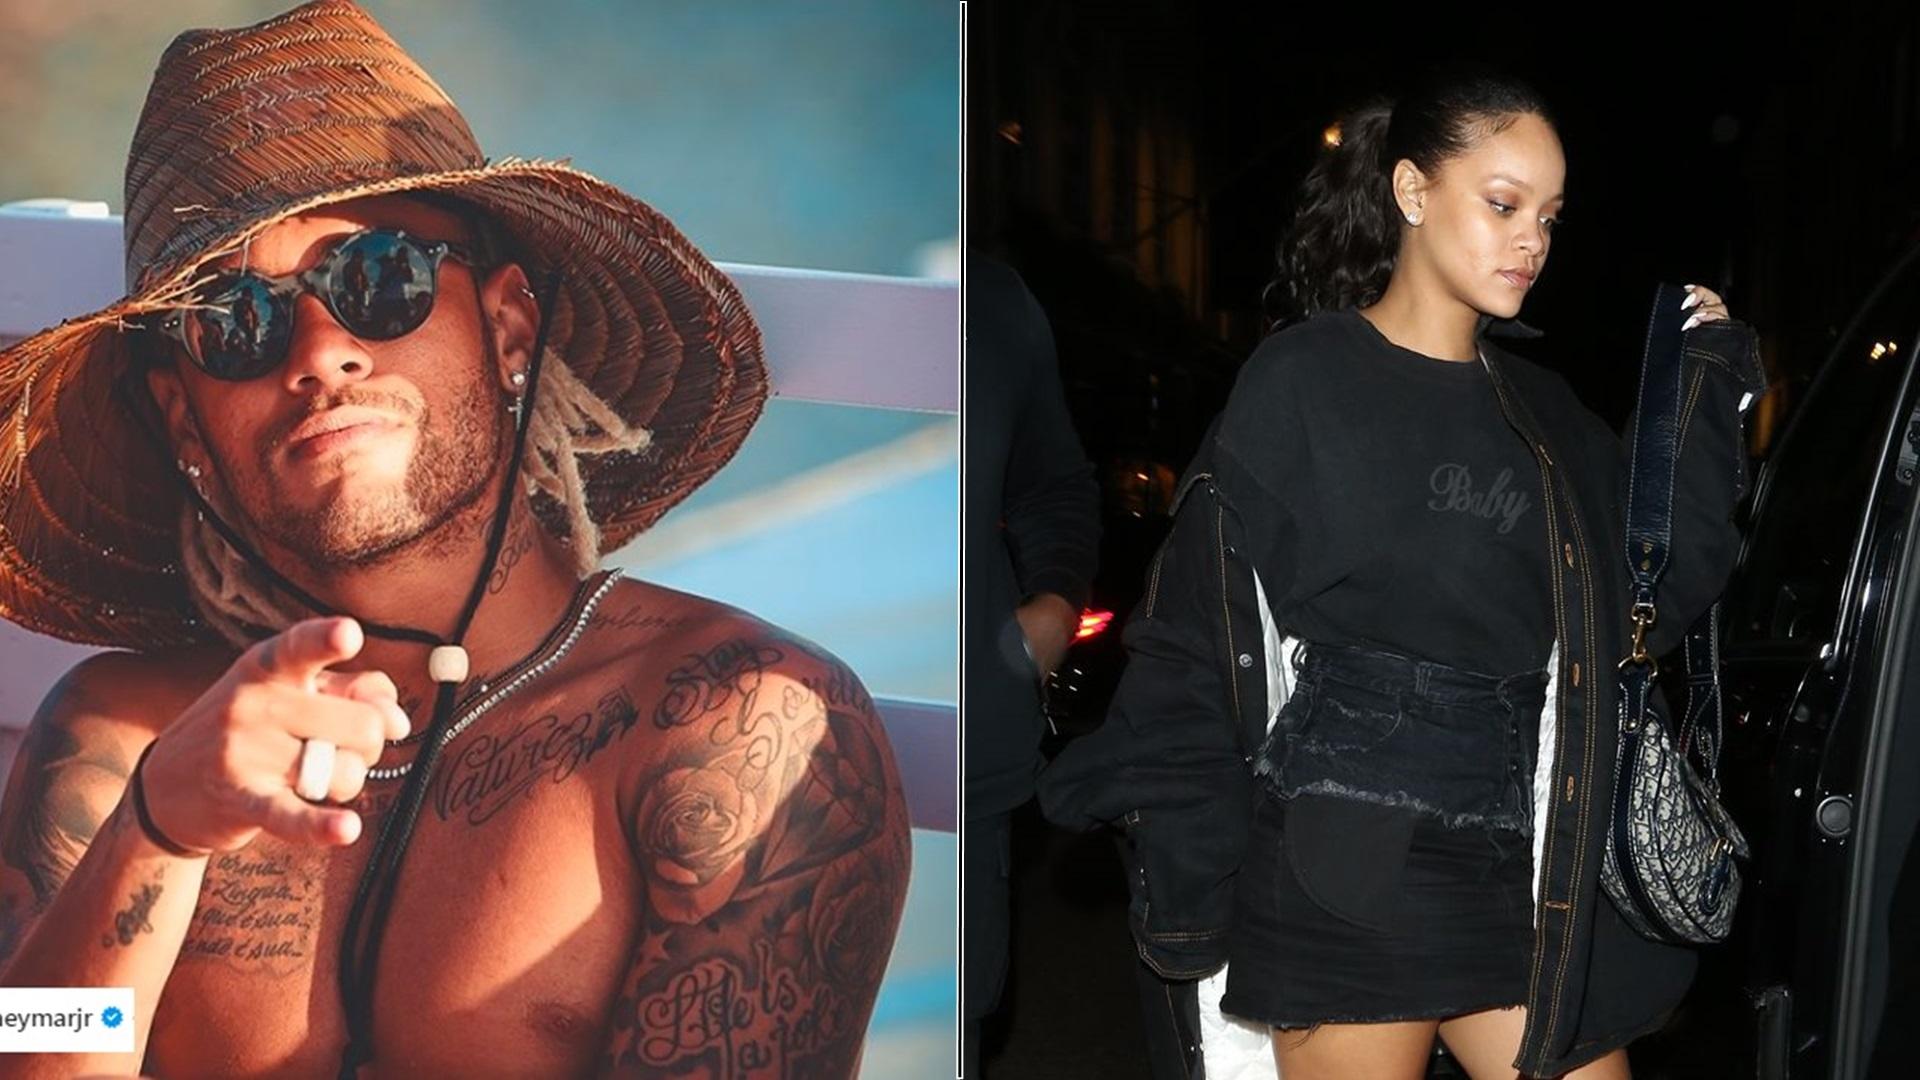 Neymar niedzielny wieczór spędził z Rihanną! – Uroczo o niej napisał